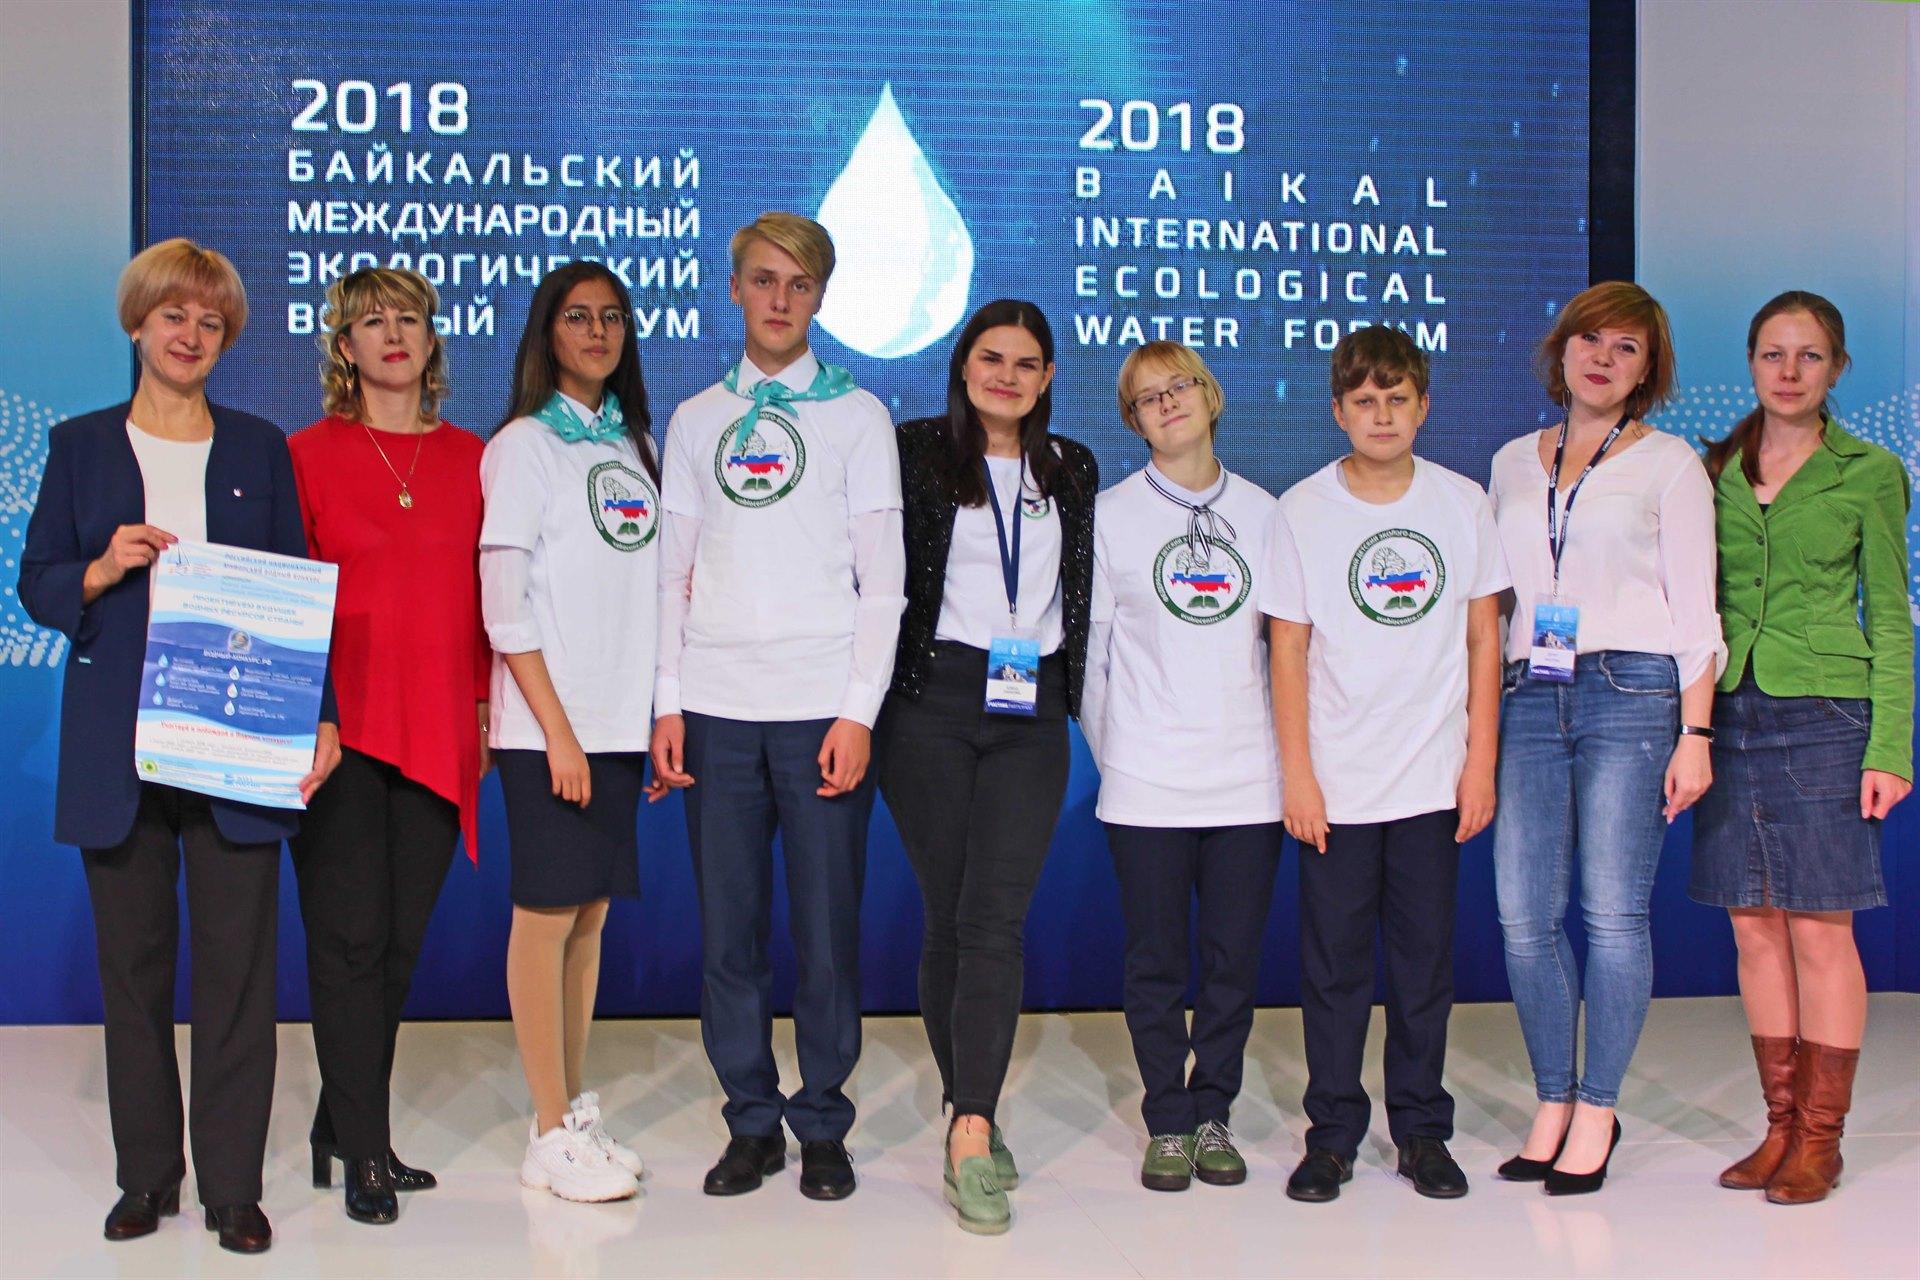 Второй Байкальский экологический Водный форум